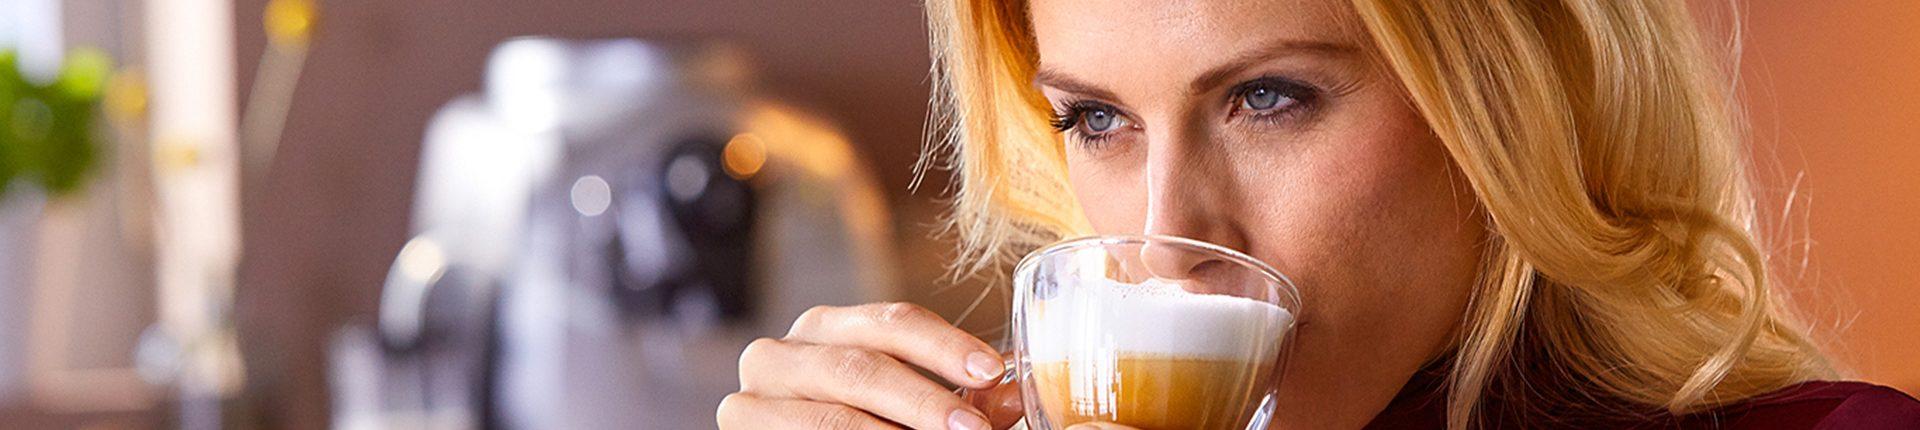 מכונות קפה ביתיות מומלצות